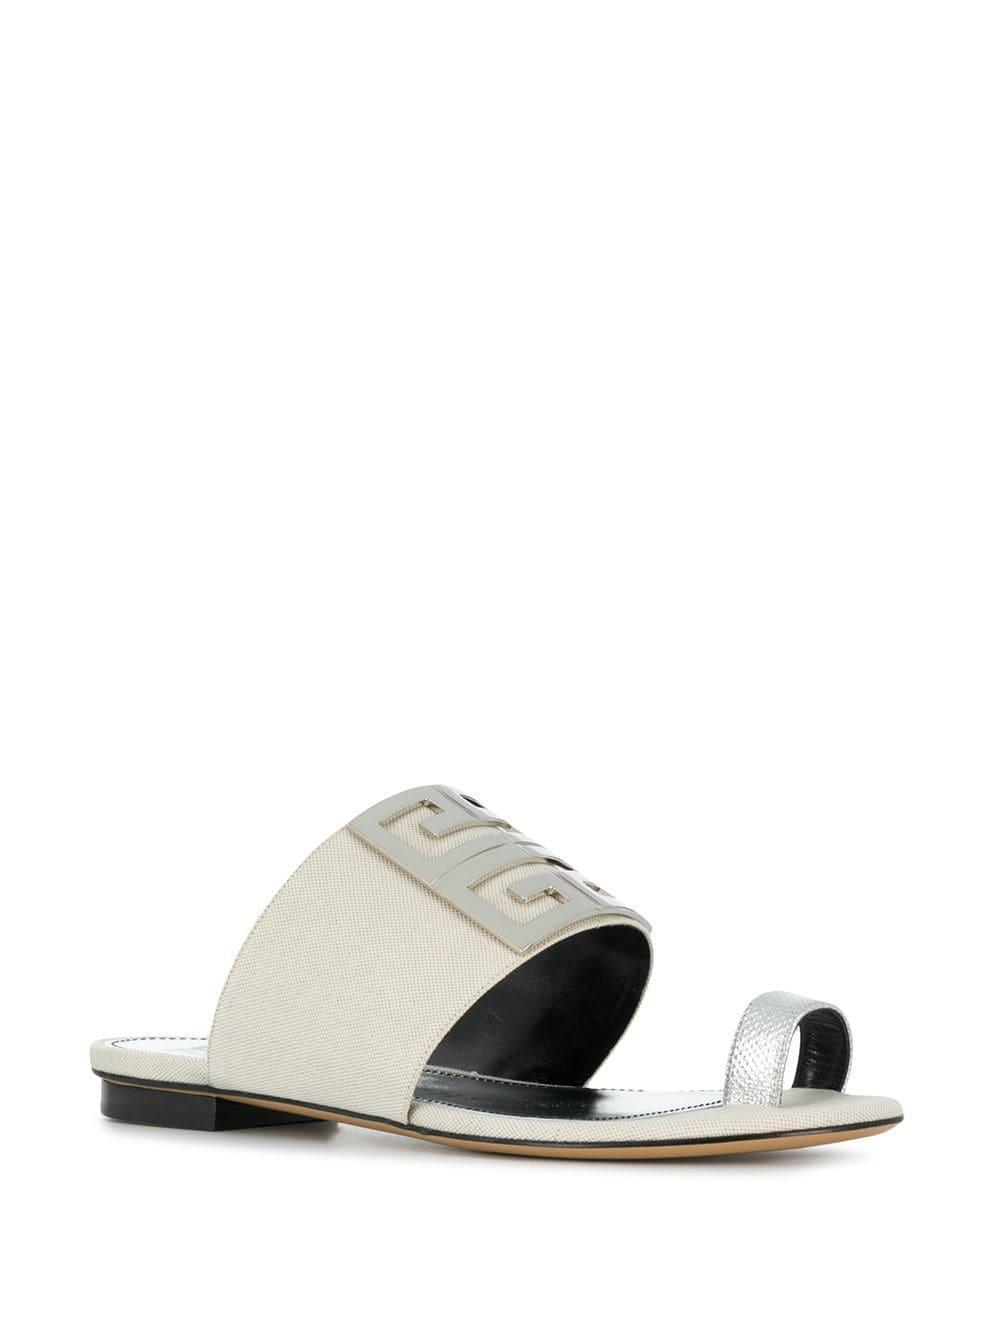 777274e4d16 Lyst - Givenchy Logo Plaque Flat Sandals